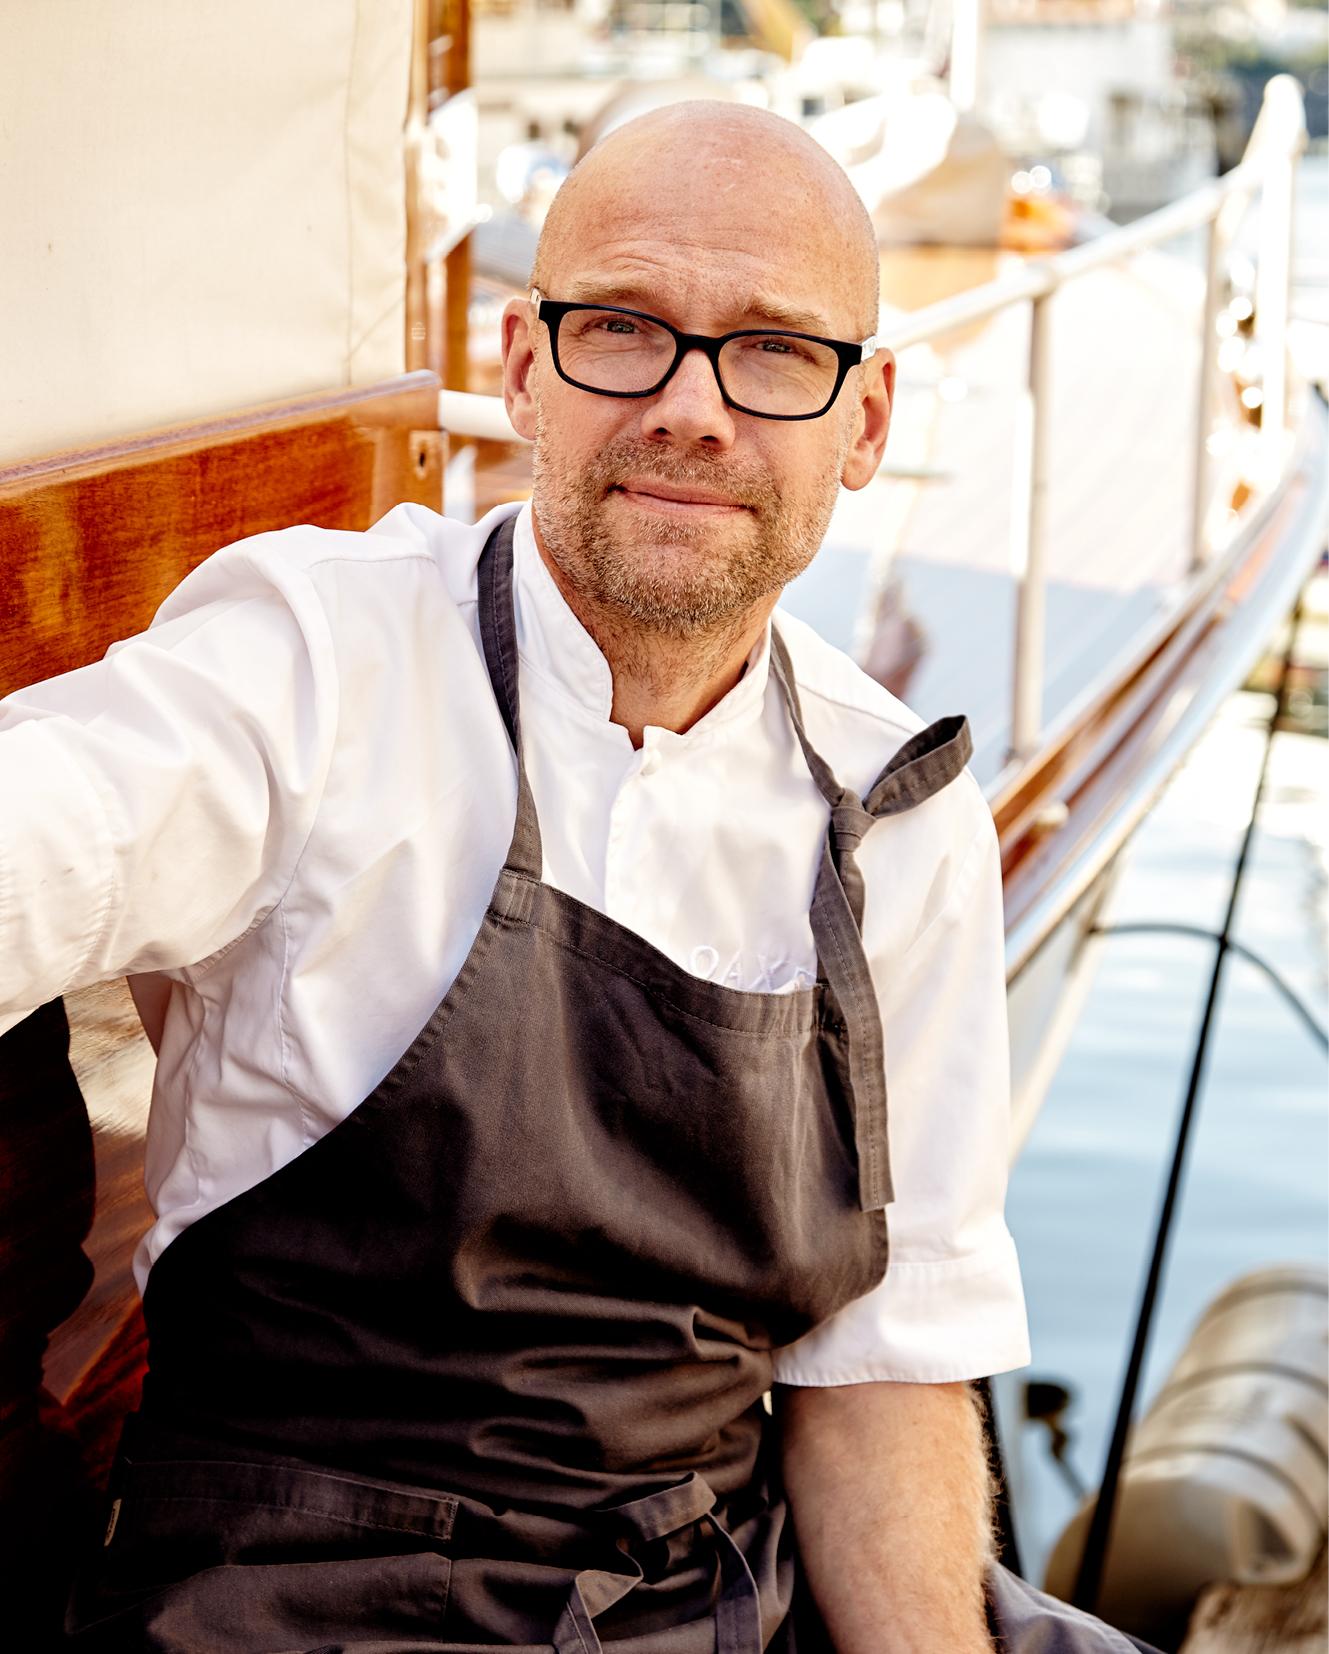 Magnus Ek och Oaxen Krog belönades 2014 med en stjärna i Guide Michelin samtidigt som Slipen fick en BiB Gourmand. 2015 tilldelades Oaxen Krog två stjärnor av Guide Michelin.